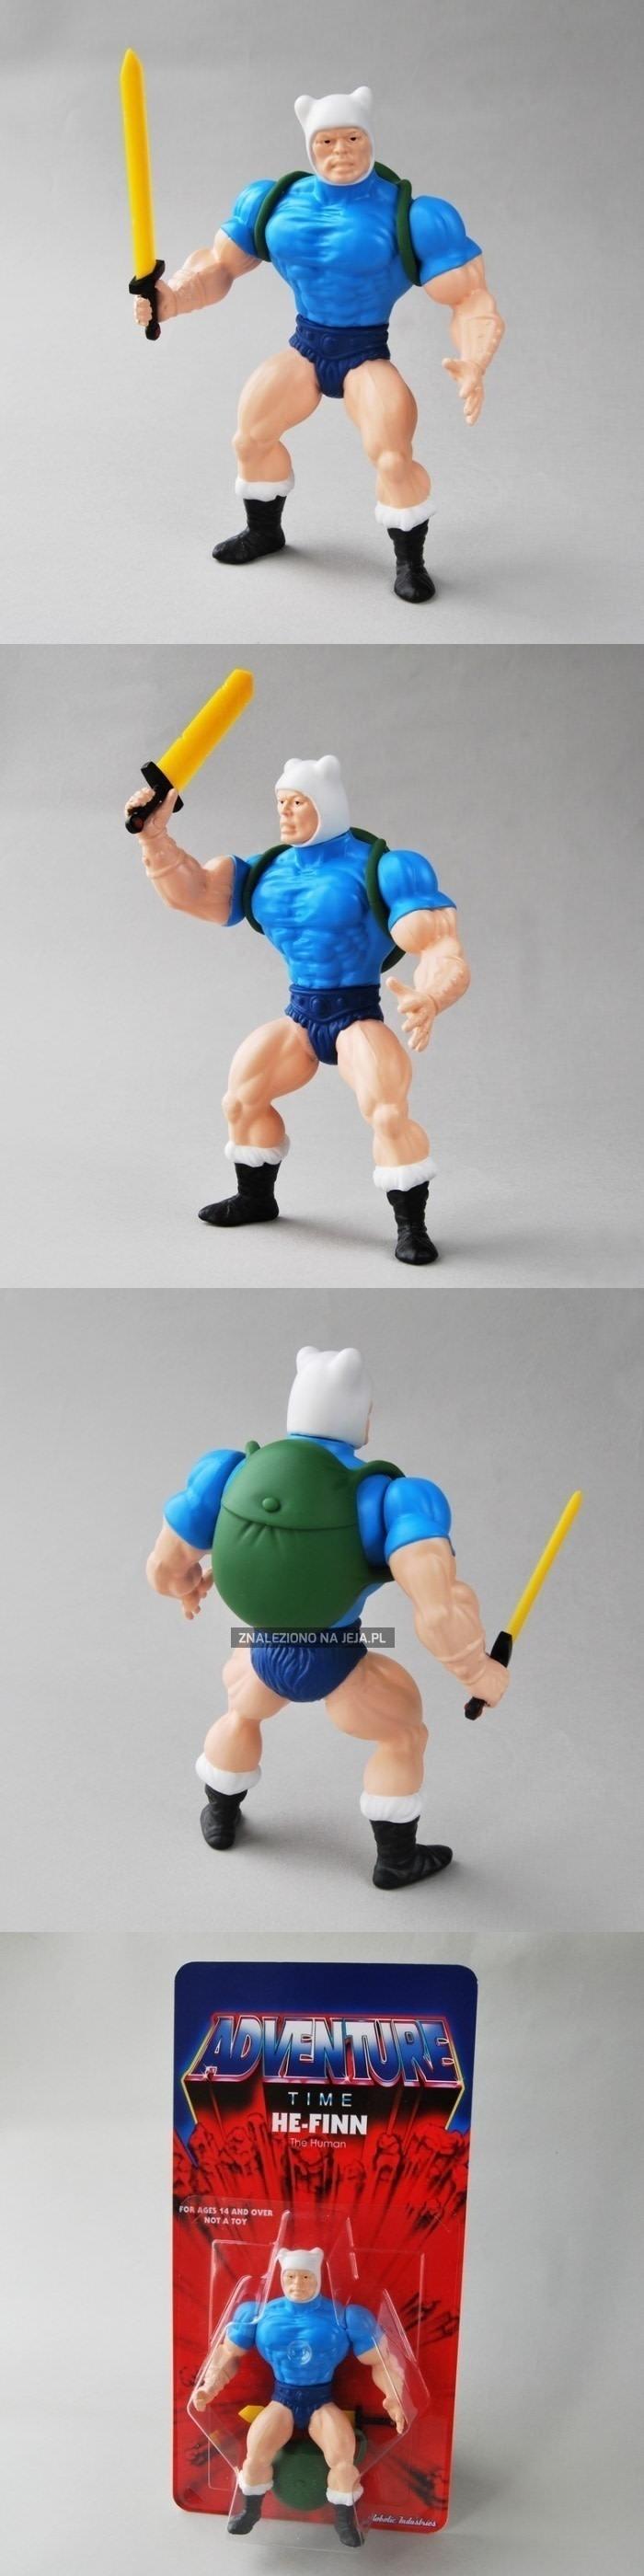 He-Finn